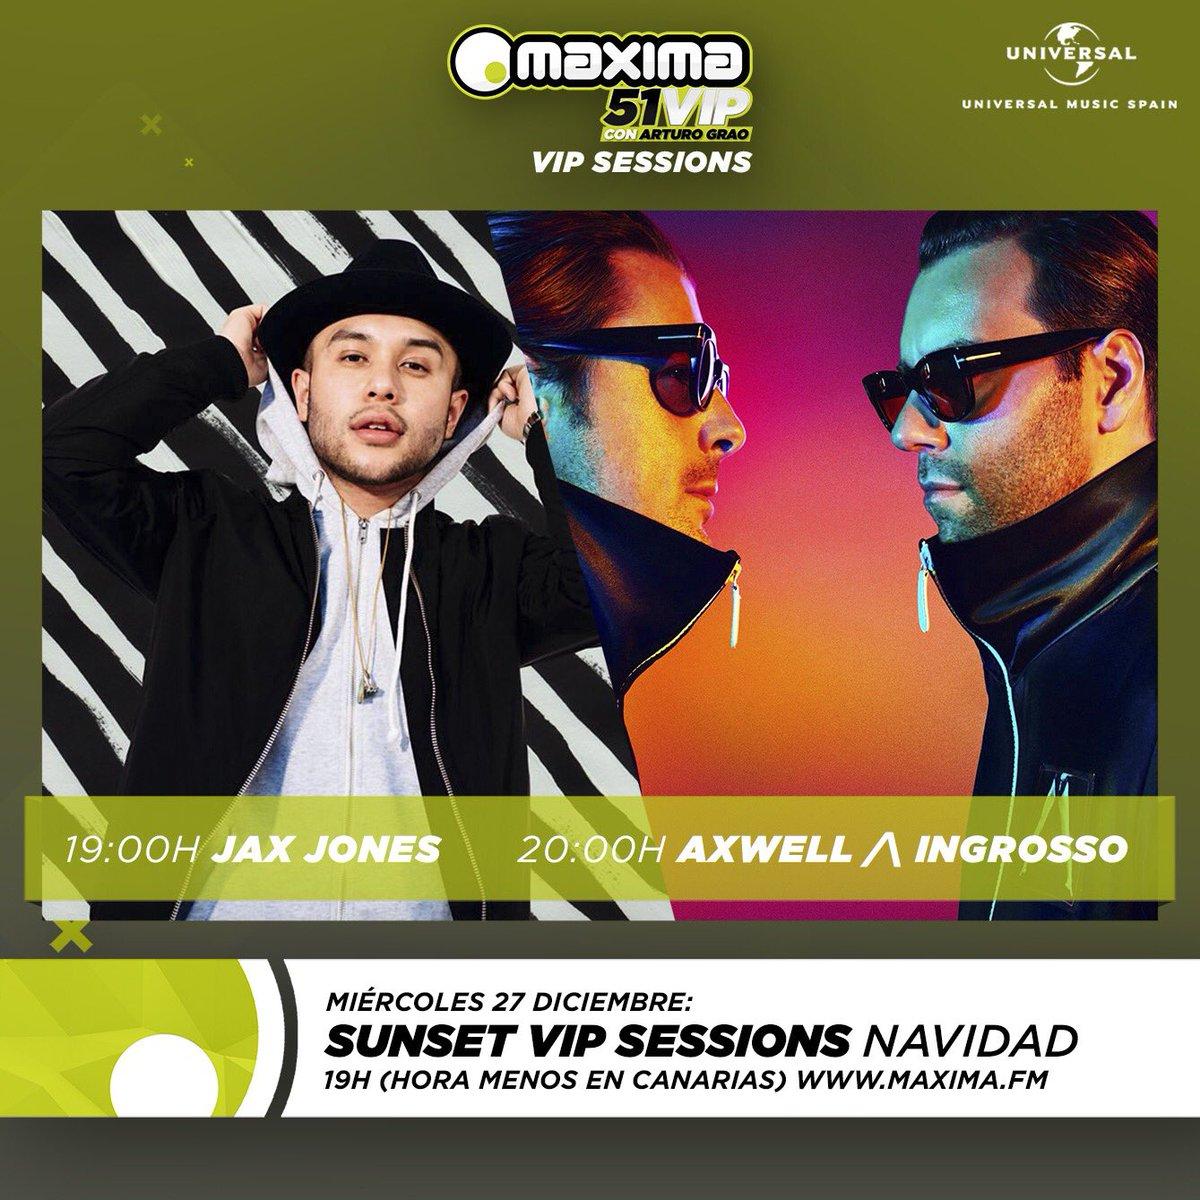 Axwell /\ Ingrosso y Jax Jones aterrizan en Maxima 51 VIP